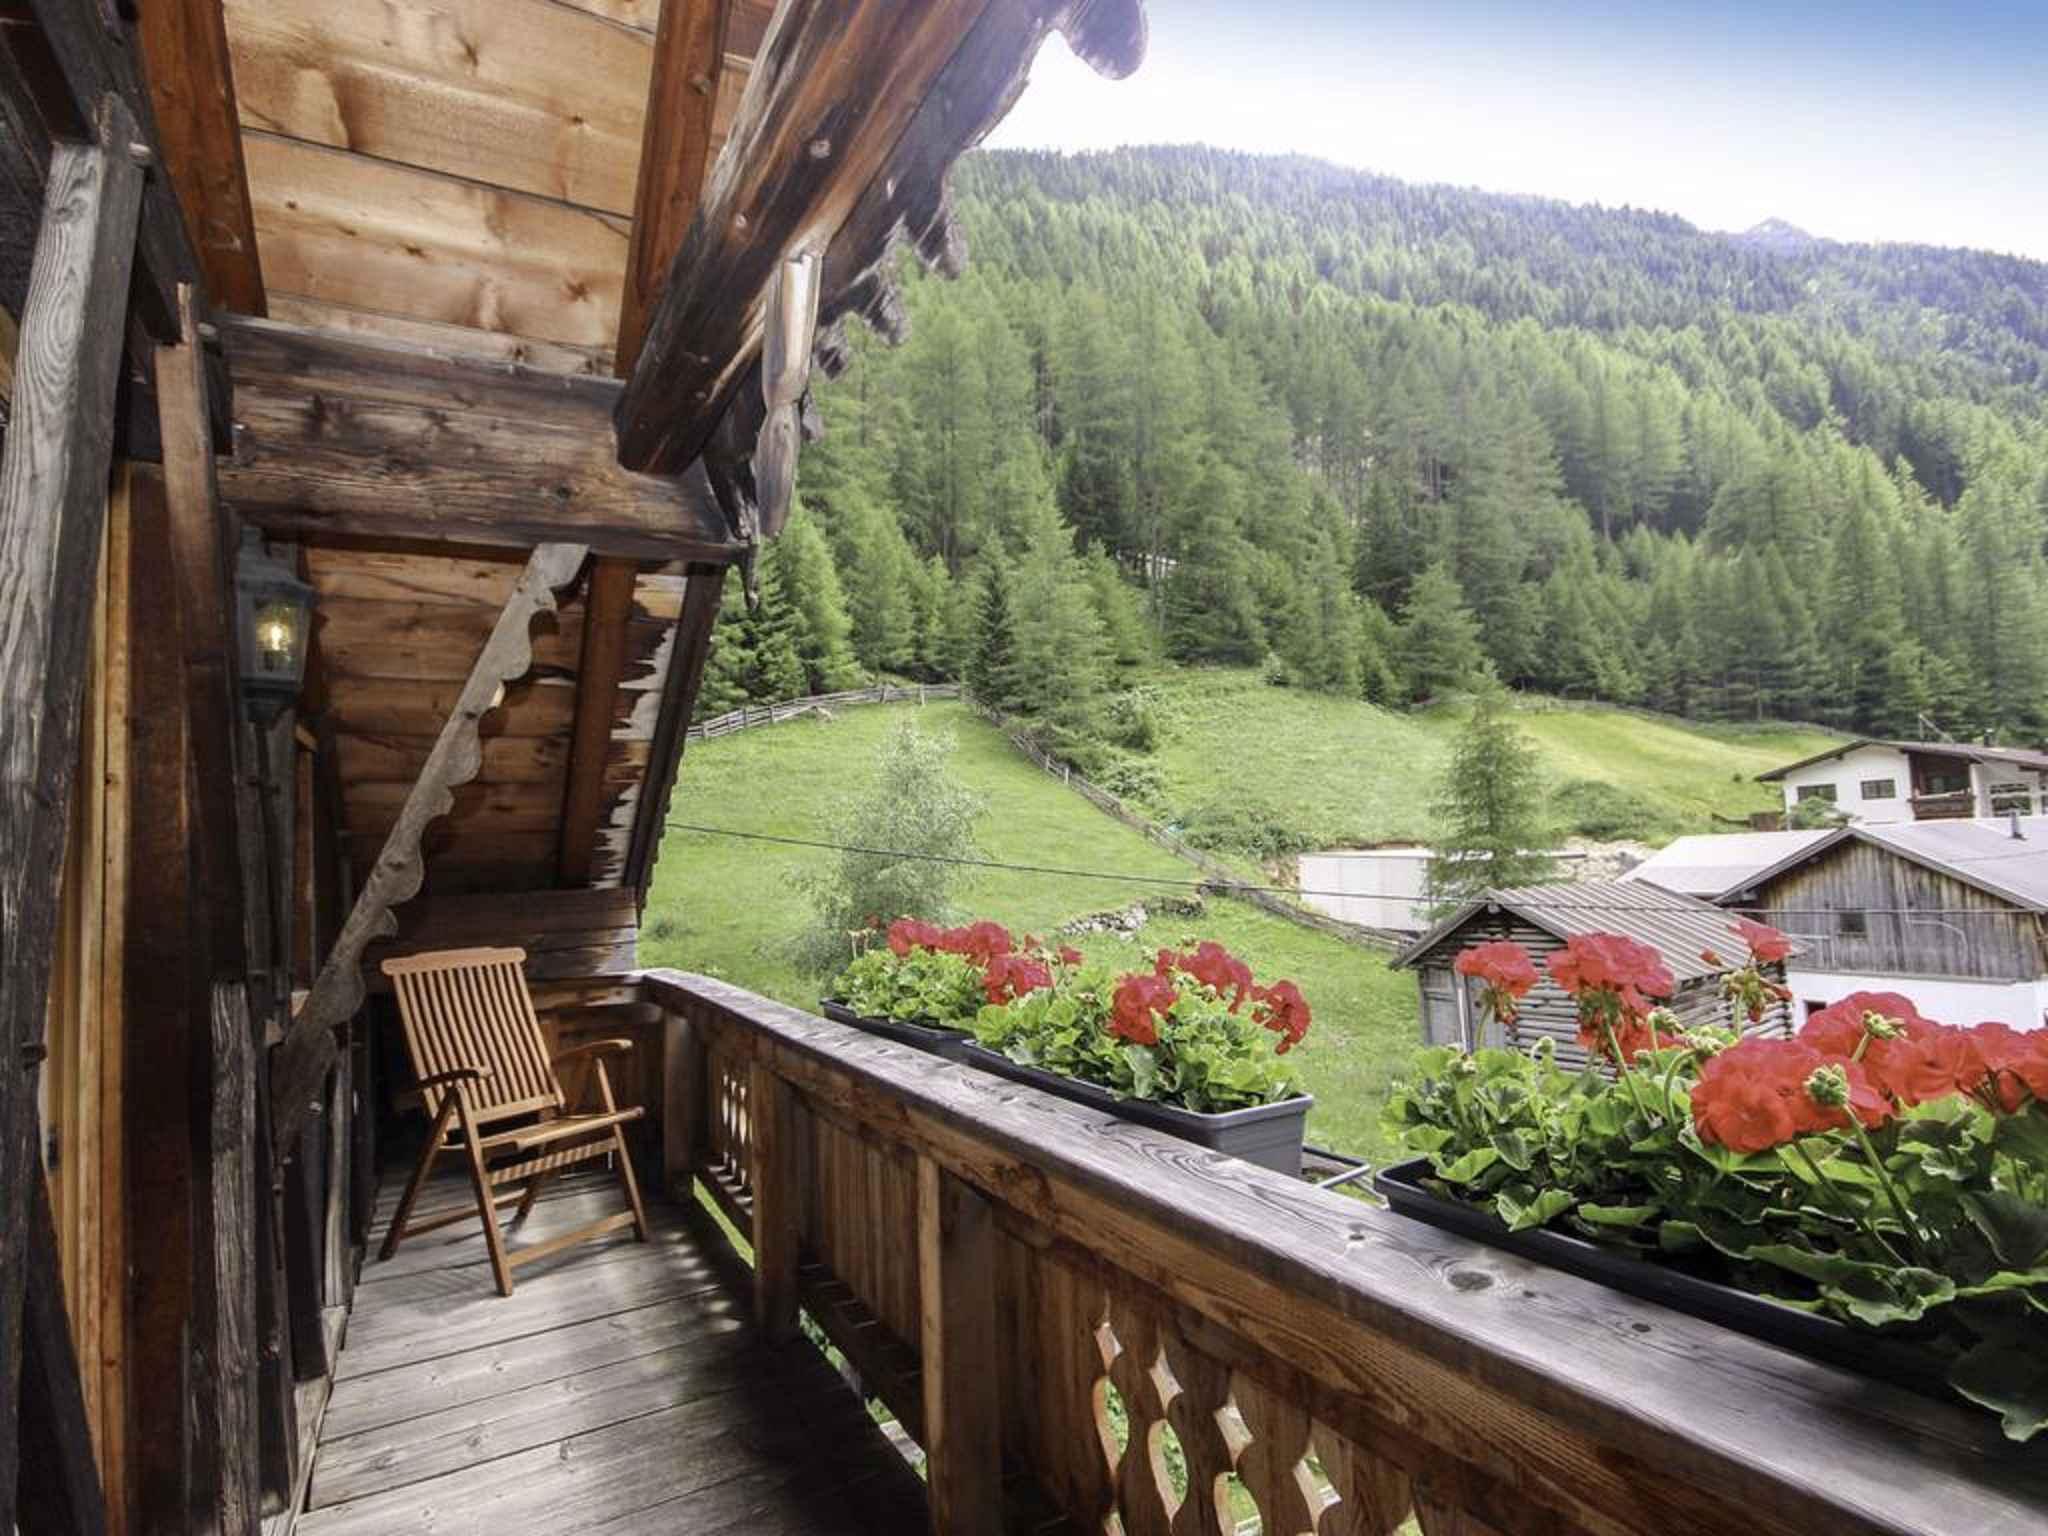 Ferienwohnung in einem über 300 Jahre alten Holzhaus (283707), Sölden (AT), Ötztal, Tirol, Österreich, Bild 10